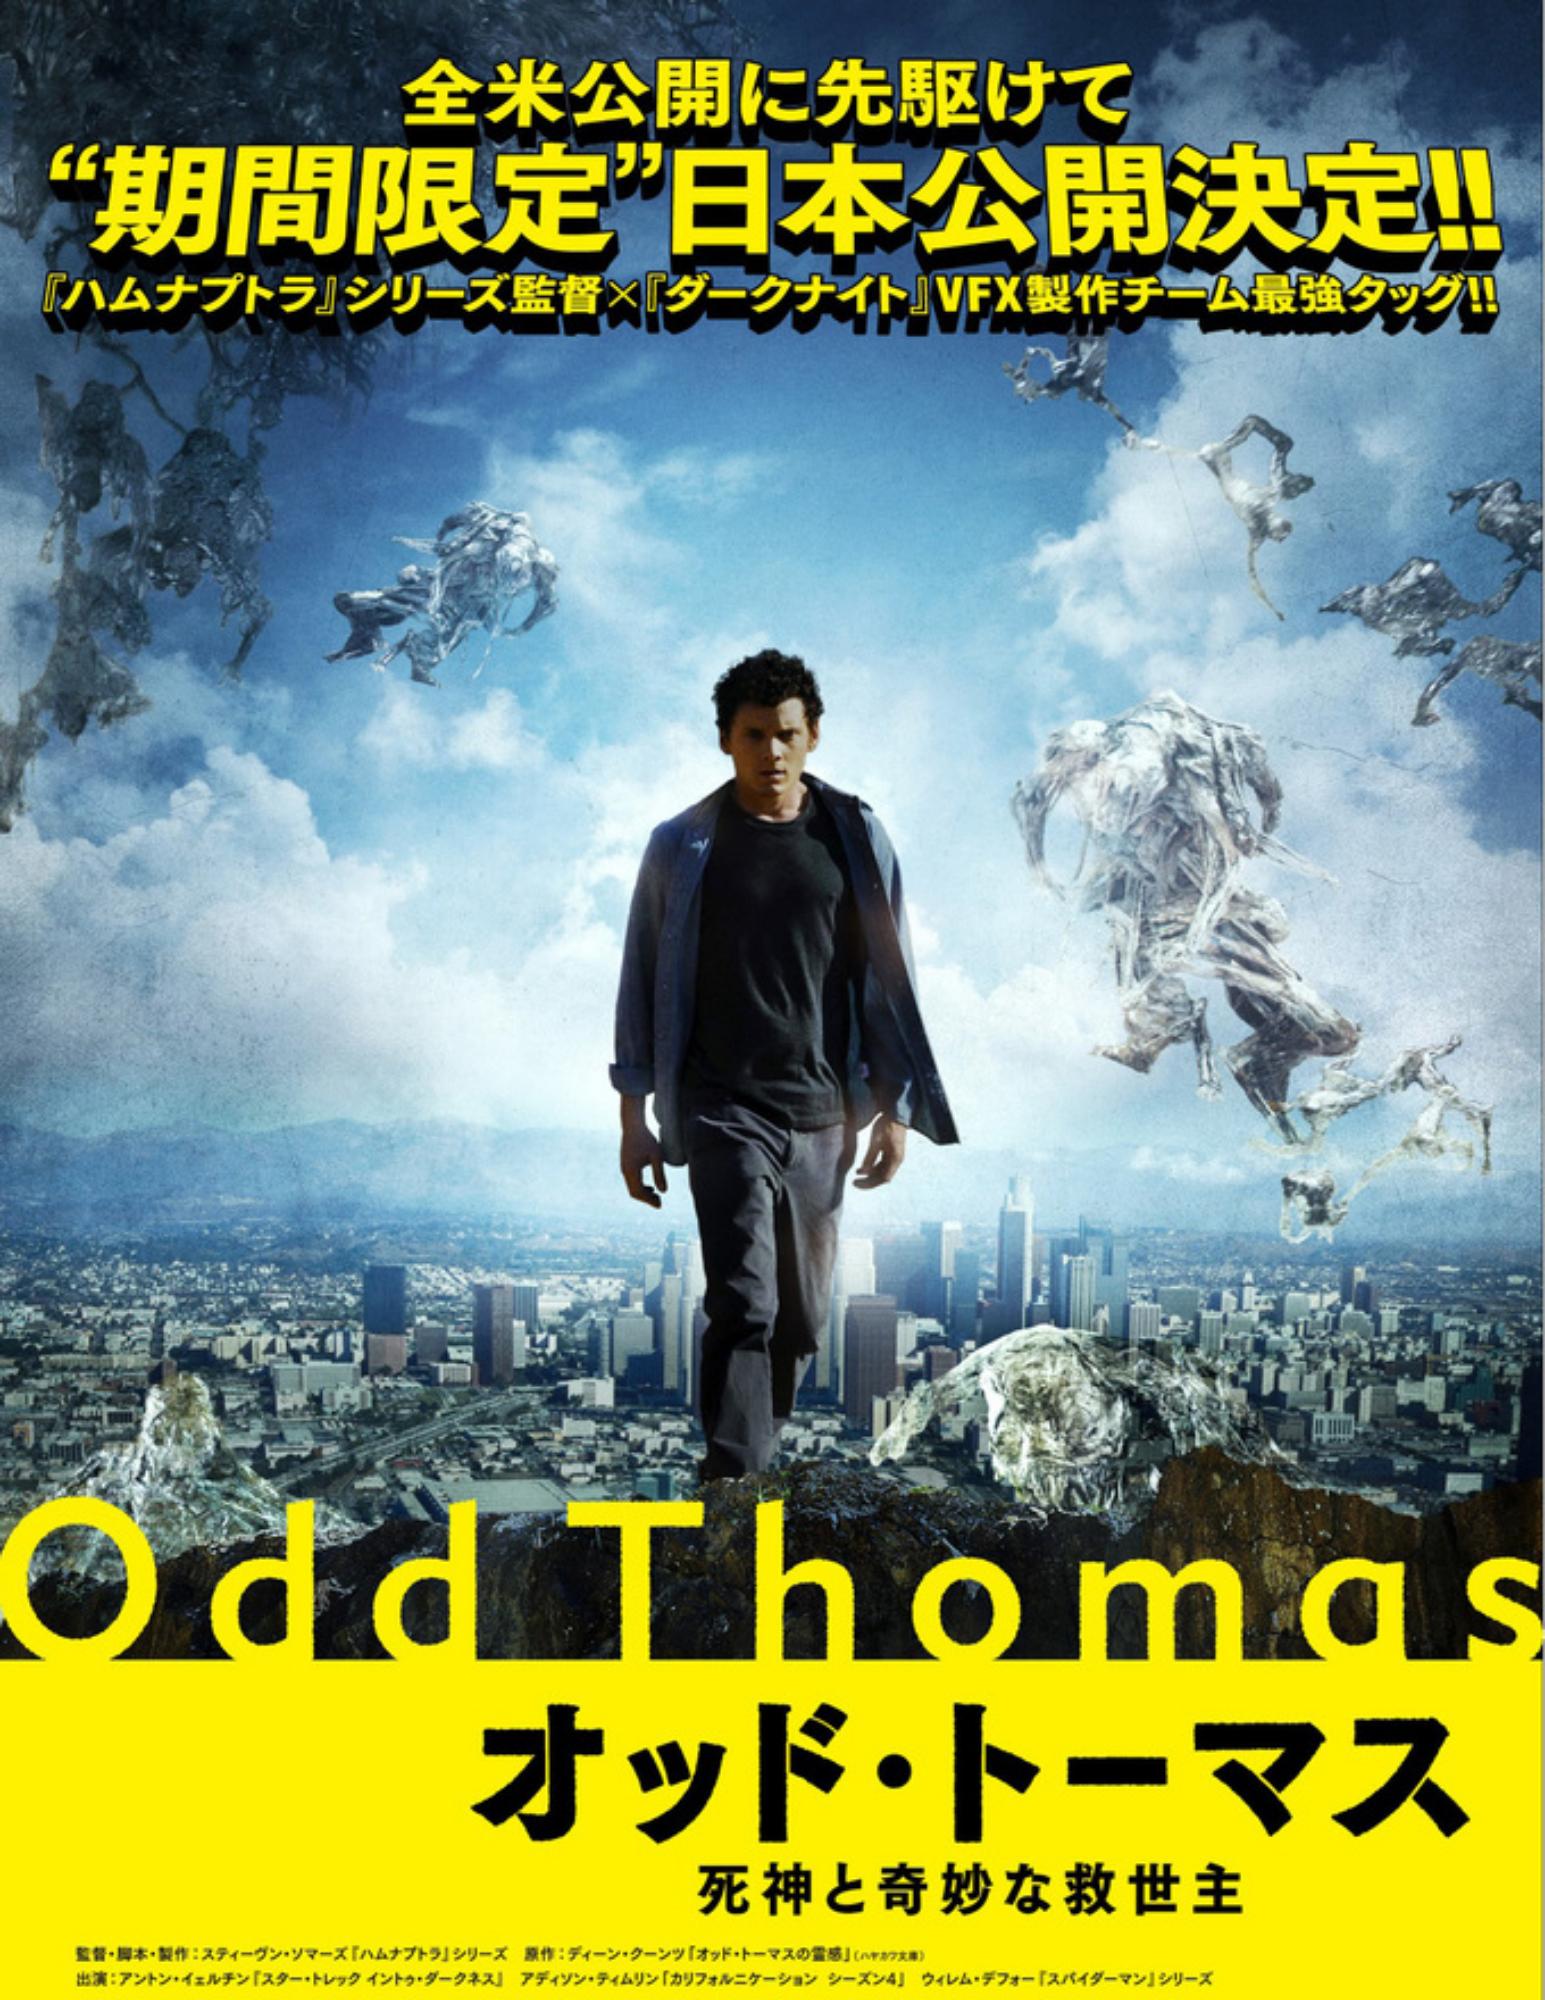 『オッド・トーマス 死神と奇妙な救世主』(2013)